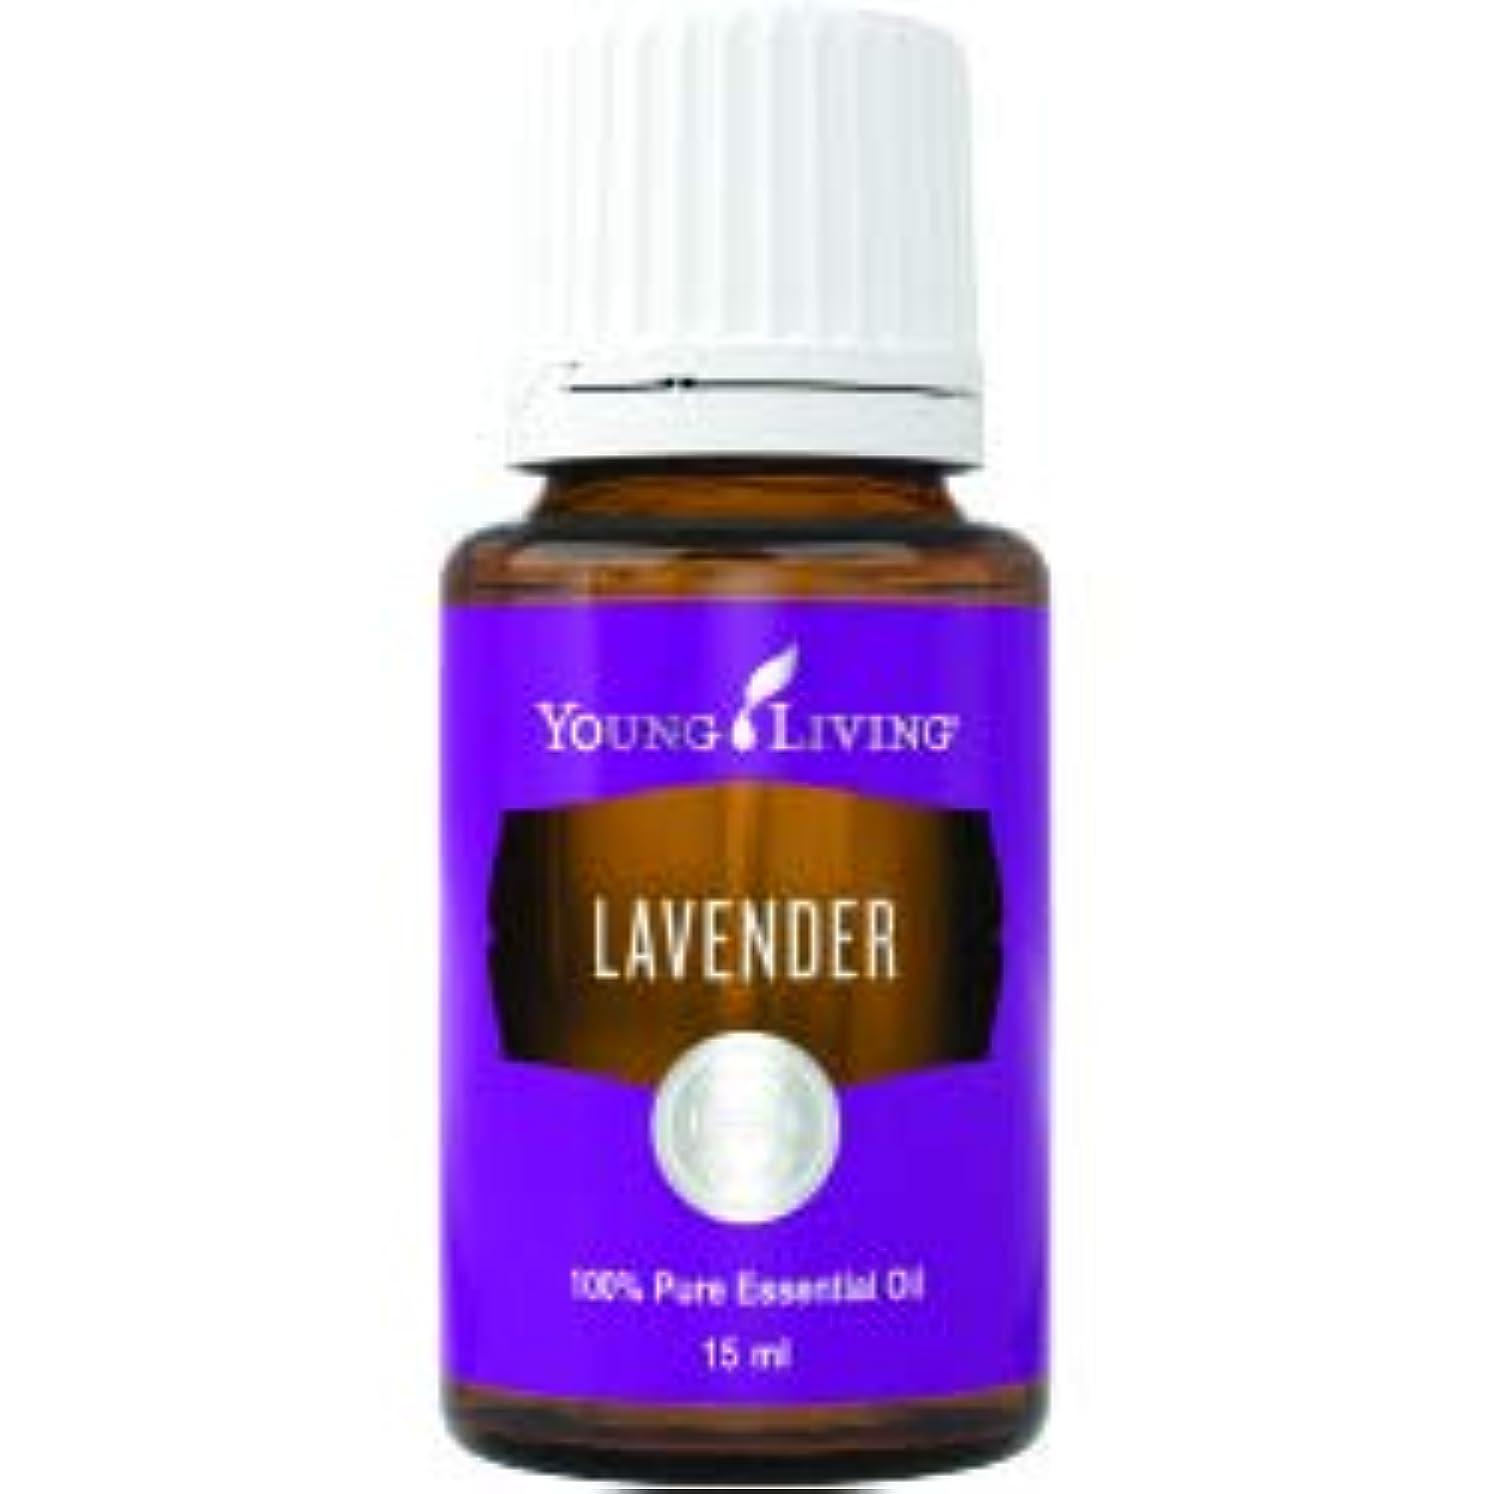 砲兵コックハイライトラベンダーエッセンシャルオイル15ml by Young Livingエッセンシャルオイルマレーシア Lavender Essential Oil 15ml by Young Living Essential Oil Malaysia